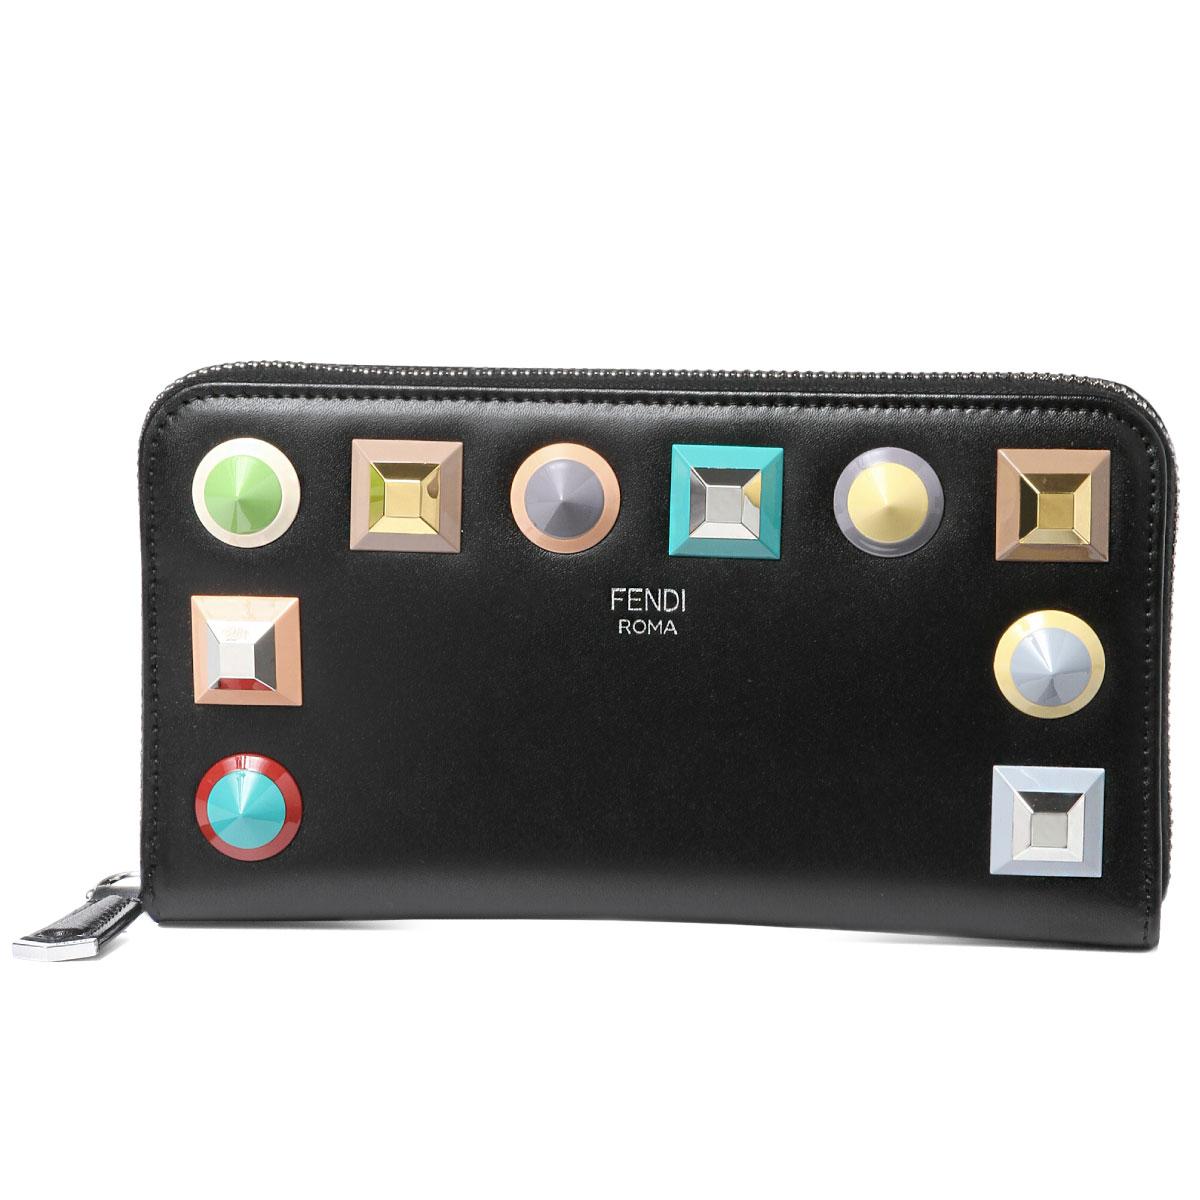 フェンディ FENDI 財布 レディース 8M0299 SR0 F0JBX ラウンドファスナー長財布 NERO+MLC+PALLADIO ブラック